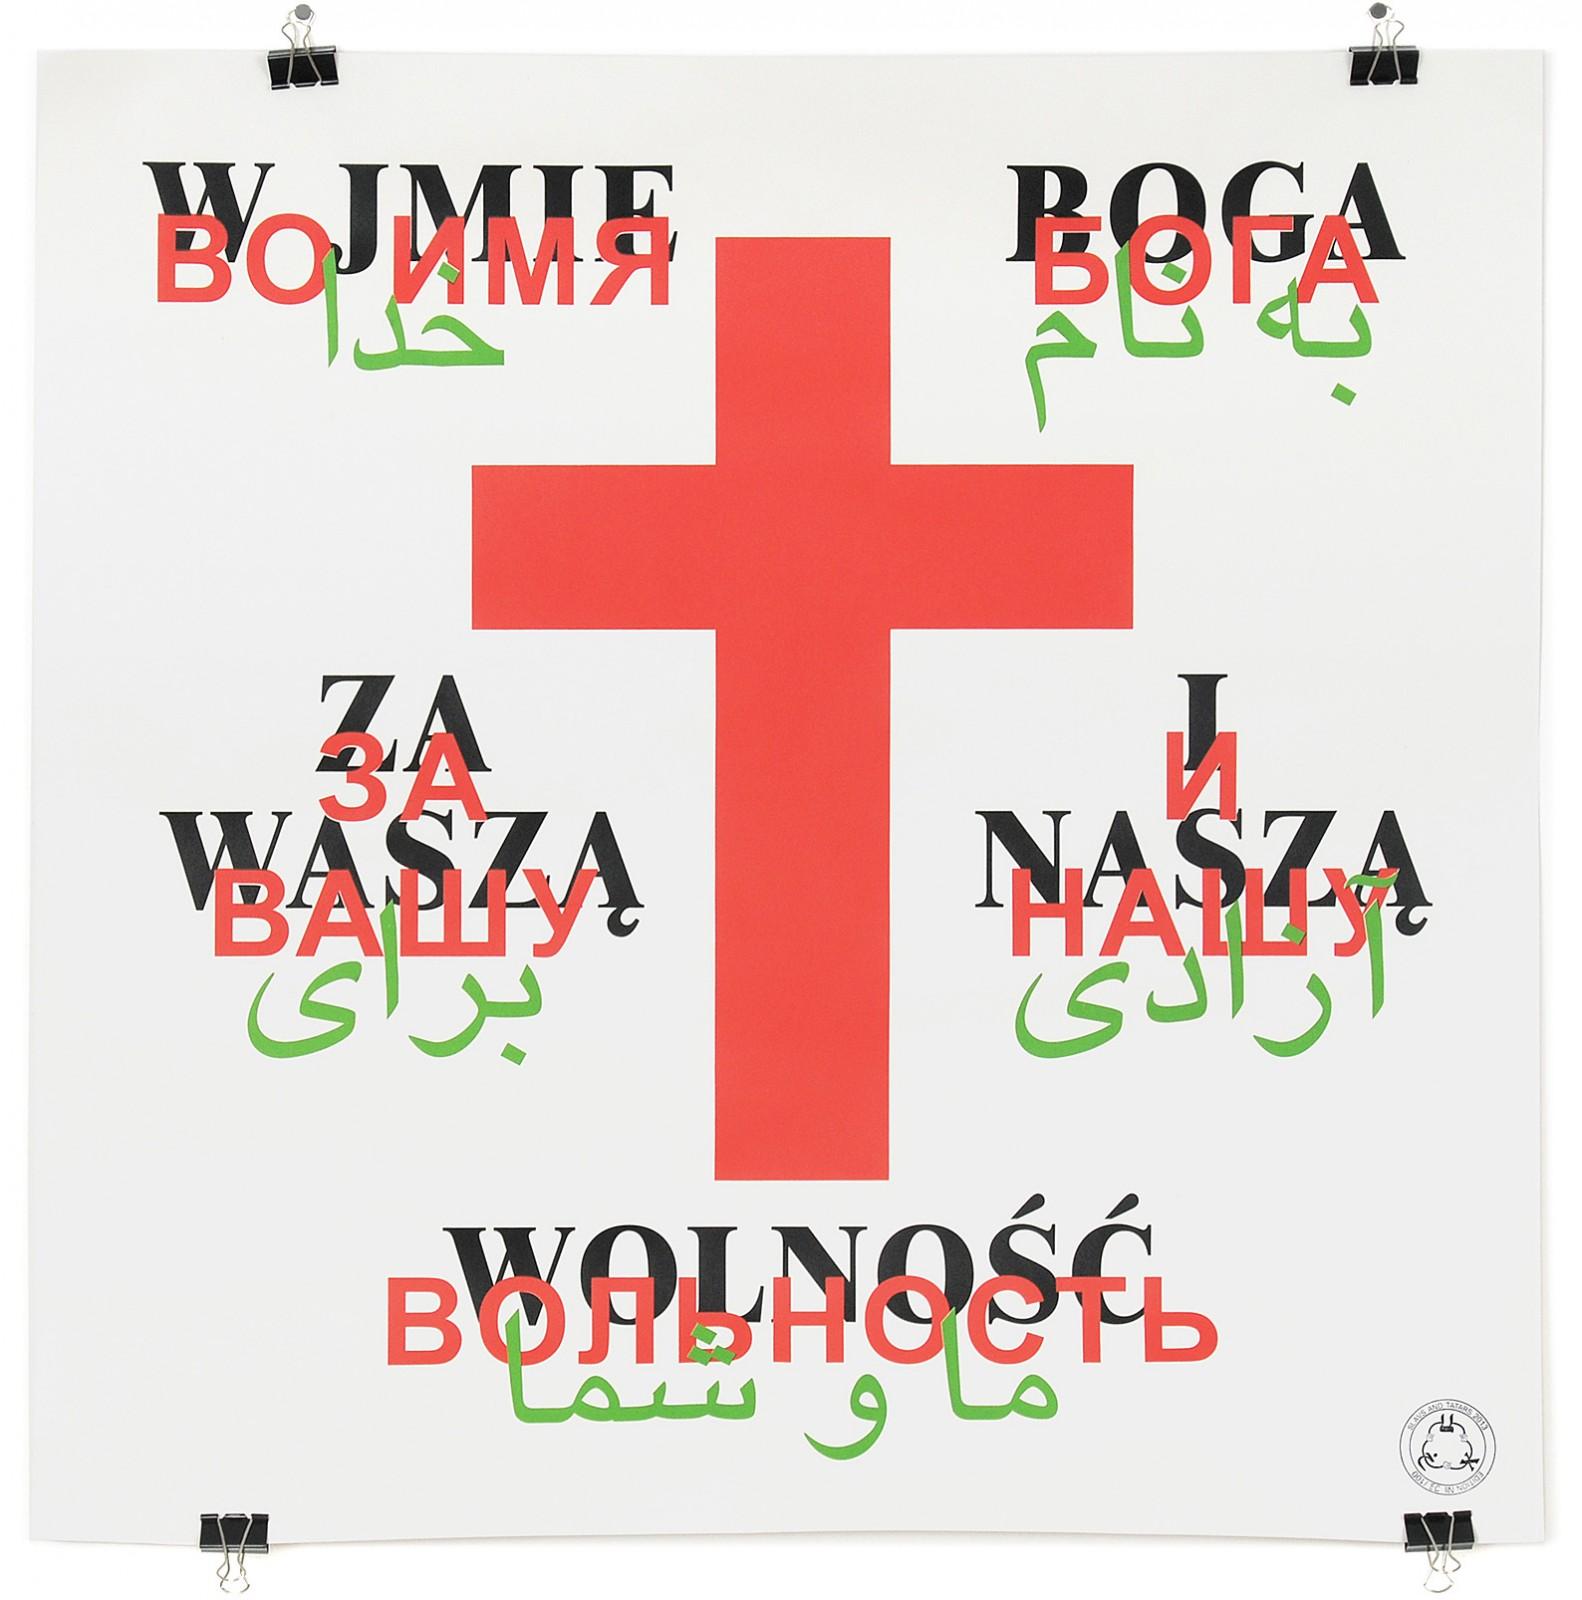 Slavs and Tatars, Zanaszą iwaszą wolność, 2013, dzięki uprzejmości galerii Raster